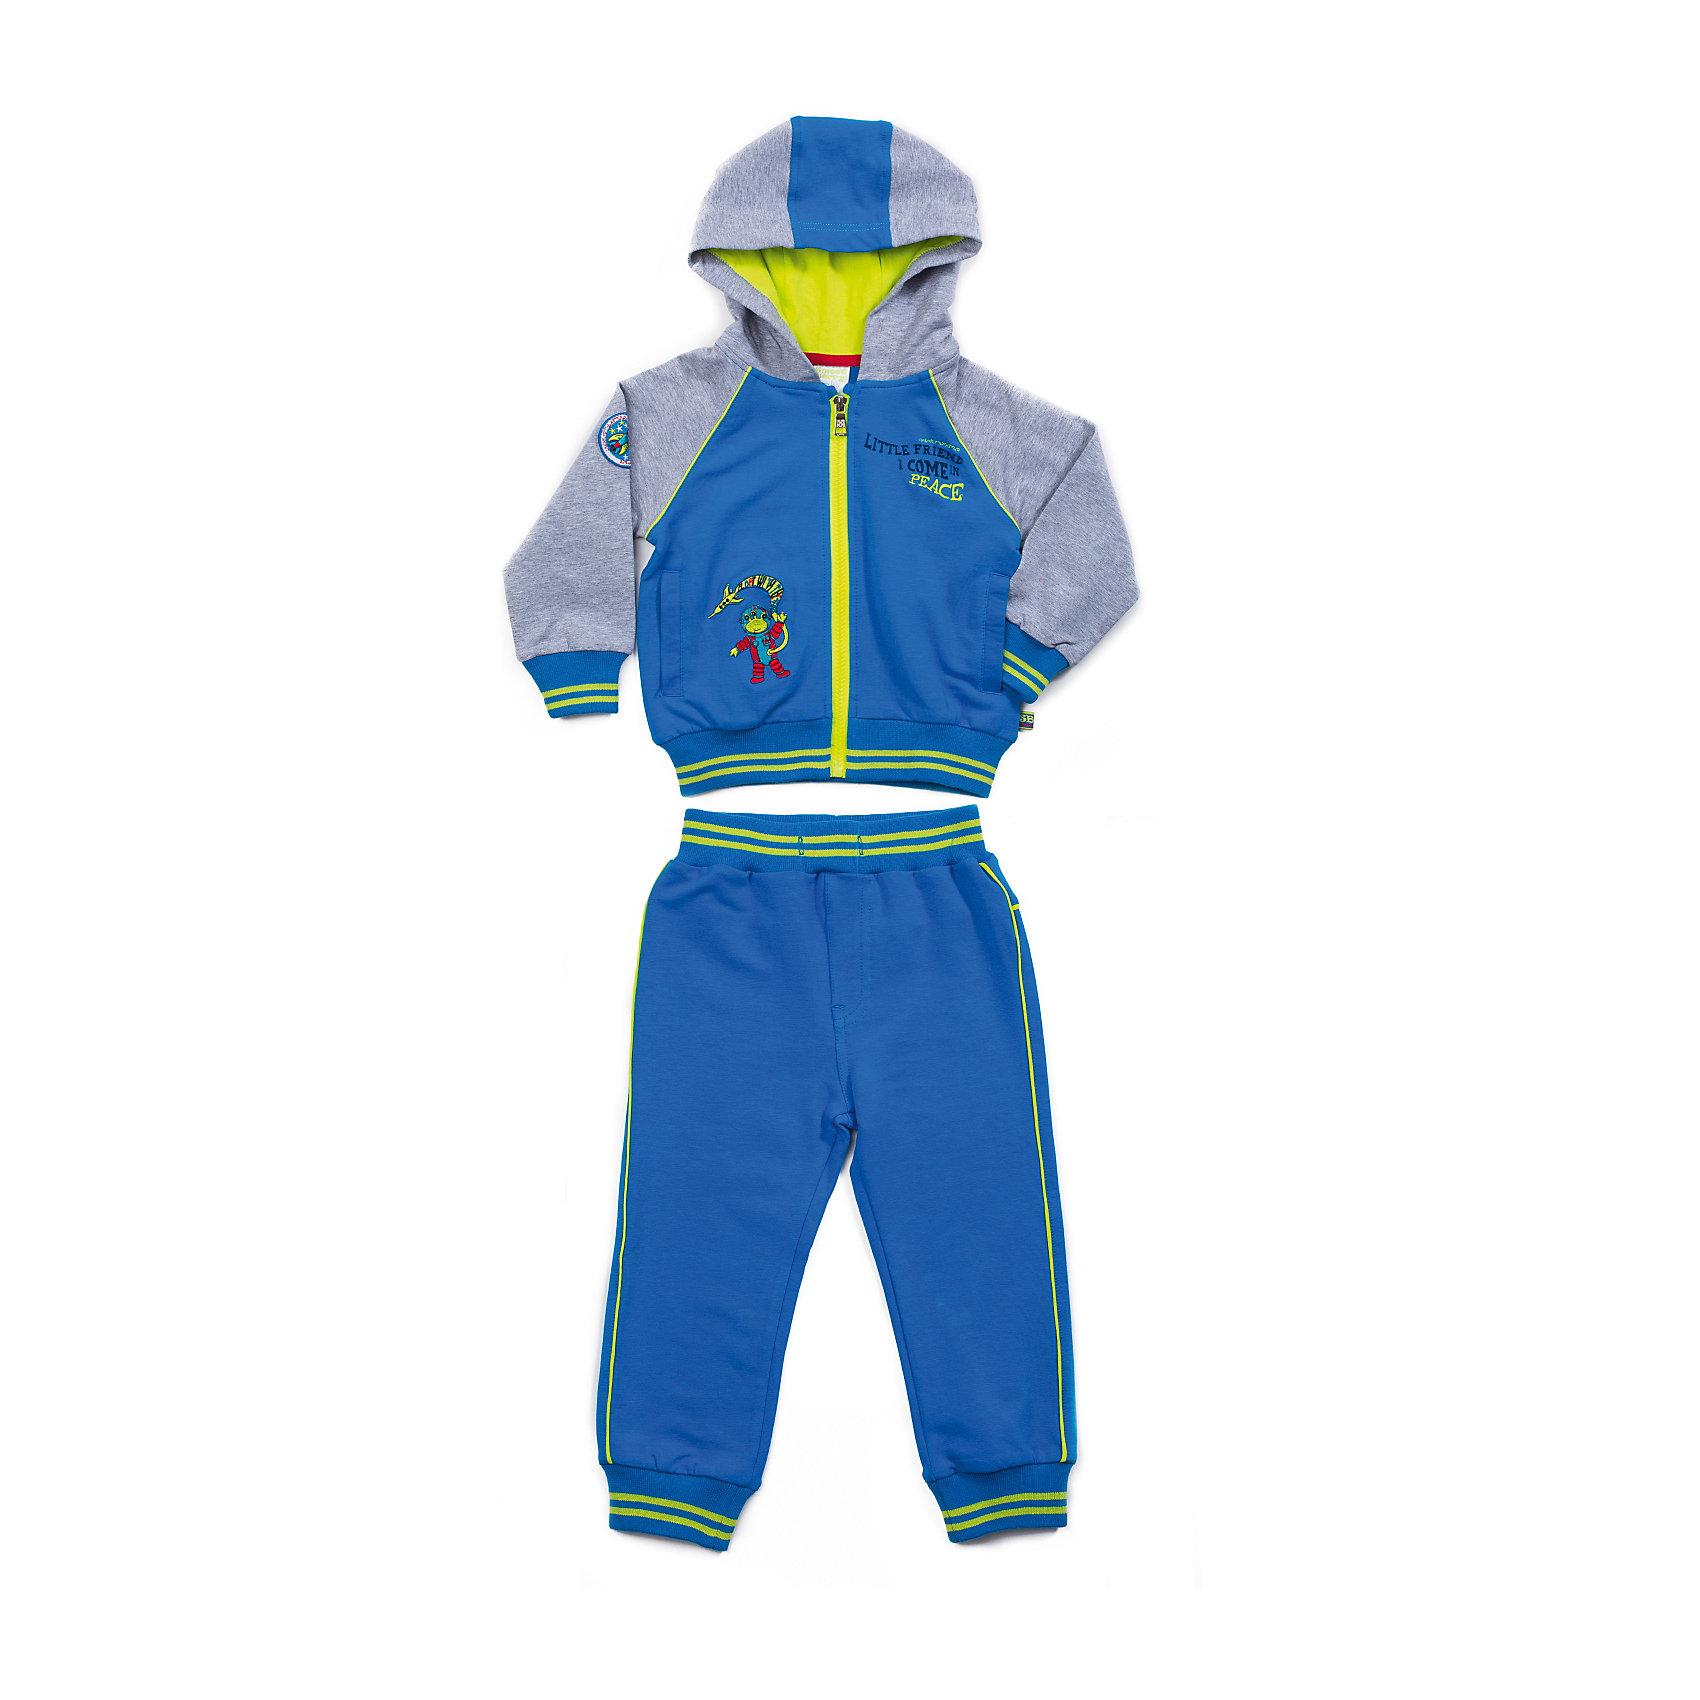 Спортивный костюм для мальчика Sweet BerryСпортивные костюмы<br>Яркий спортивный костюм для мальчика. Толстовка с капюшоном на яркой трикотажной подкладке, застежка - молния, манжеты и низ изделия - трикотажная резинка. Толстовка и брюки украшены яркой вышивкой, принтом, на рукаве шеврон, контрастным ярким кантом. Пояс на трикотажной резинке, регулируется хлопковым шнурком.<br>Состав:<br>95% хлопок, 5% эластан<br><br>Ширина мм: 247<br>Глубина мм: 16<br>Высота мм: 140<br>Вес г: 225<br>Цвет: серый/голубой<br>Возраст от месяцев: 9<br>Возраст до месяцев: 12<br>Пол: Мужской<br>Возраст: Детский<br>Размер: 80,86,98,92<br>SKU: 4273227